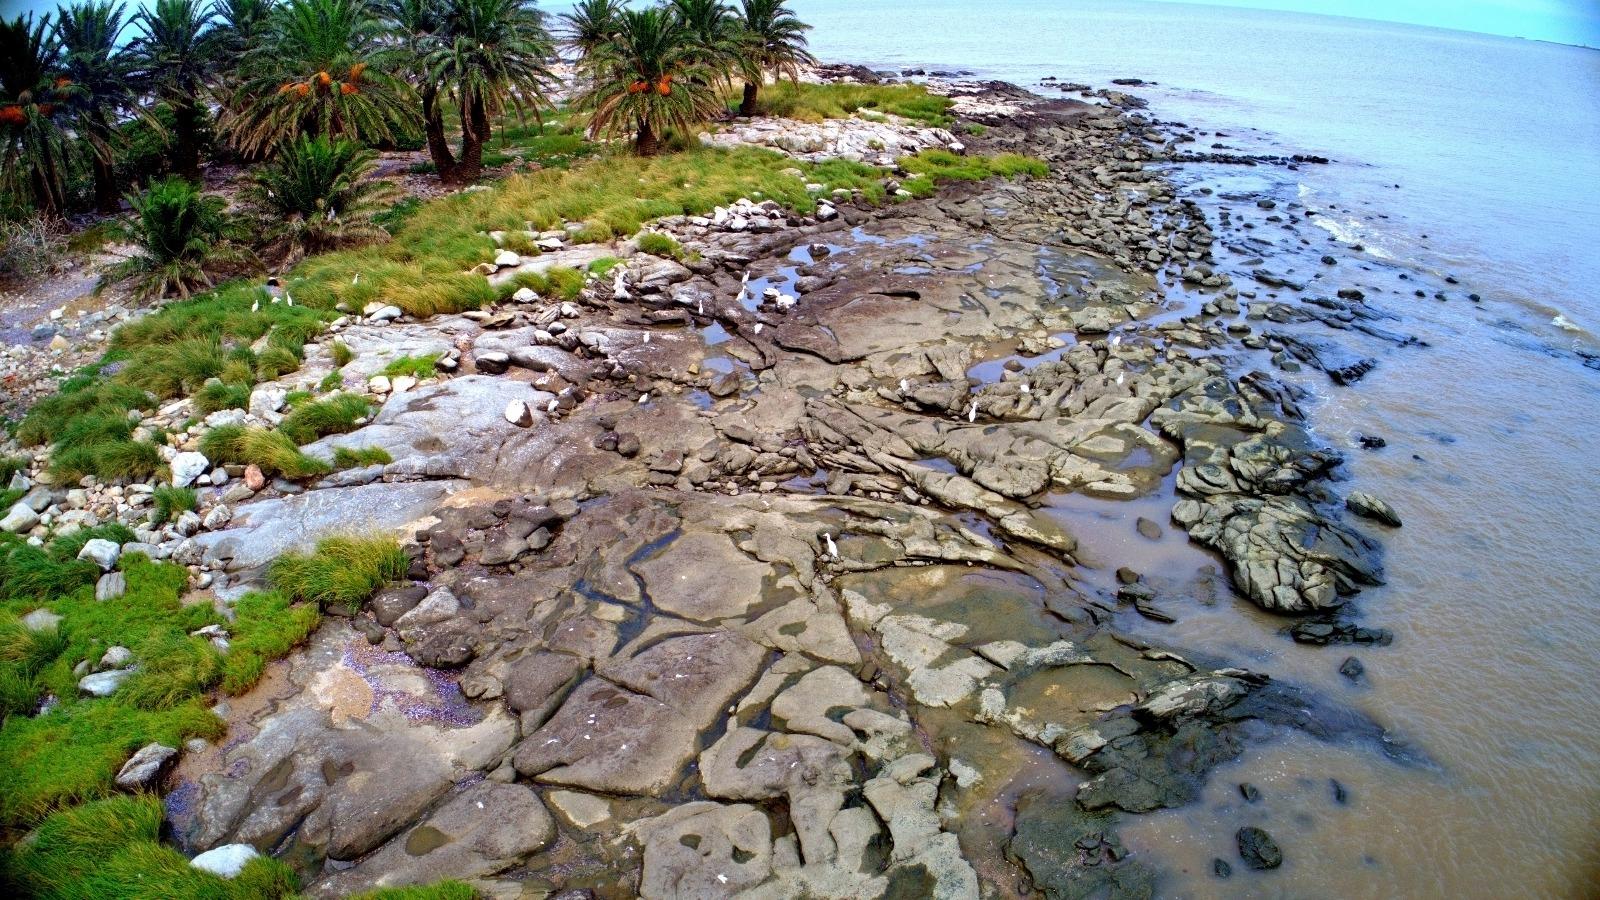 Se distingue con claridad la zona rocosa de la Isla